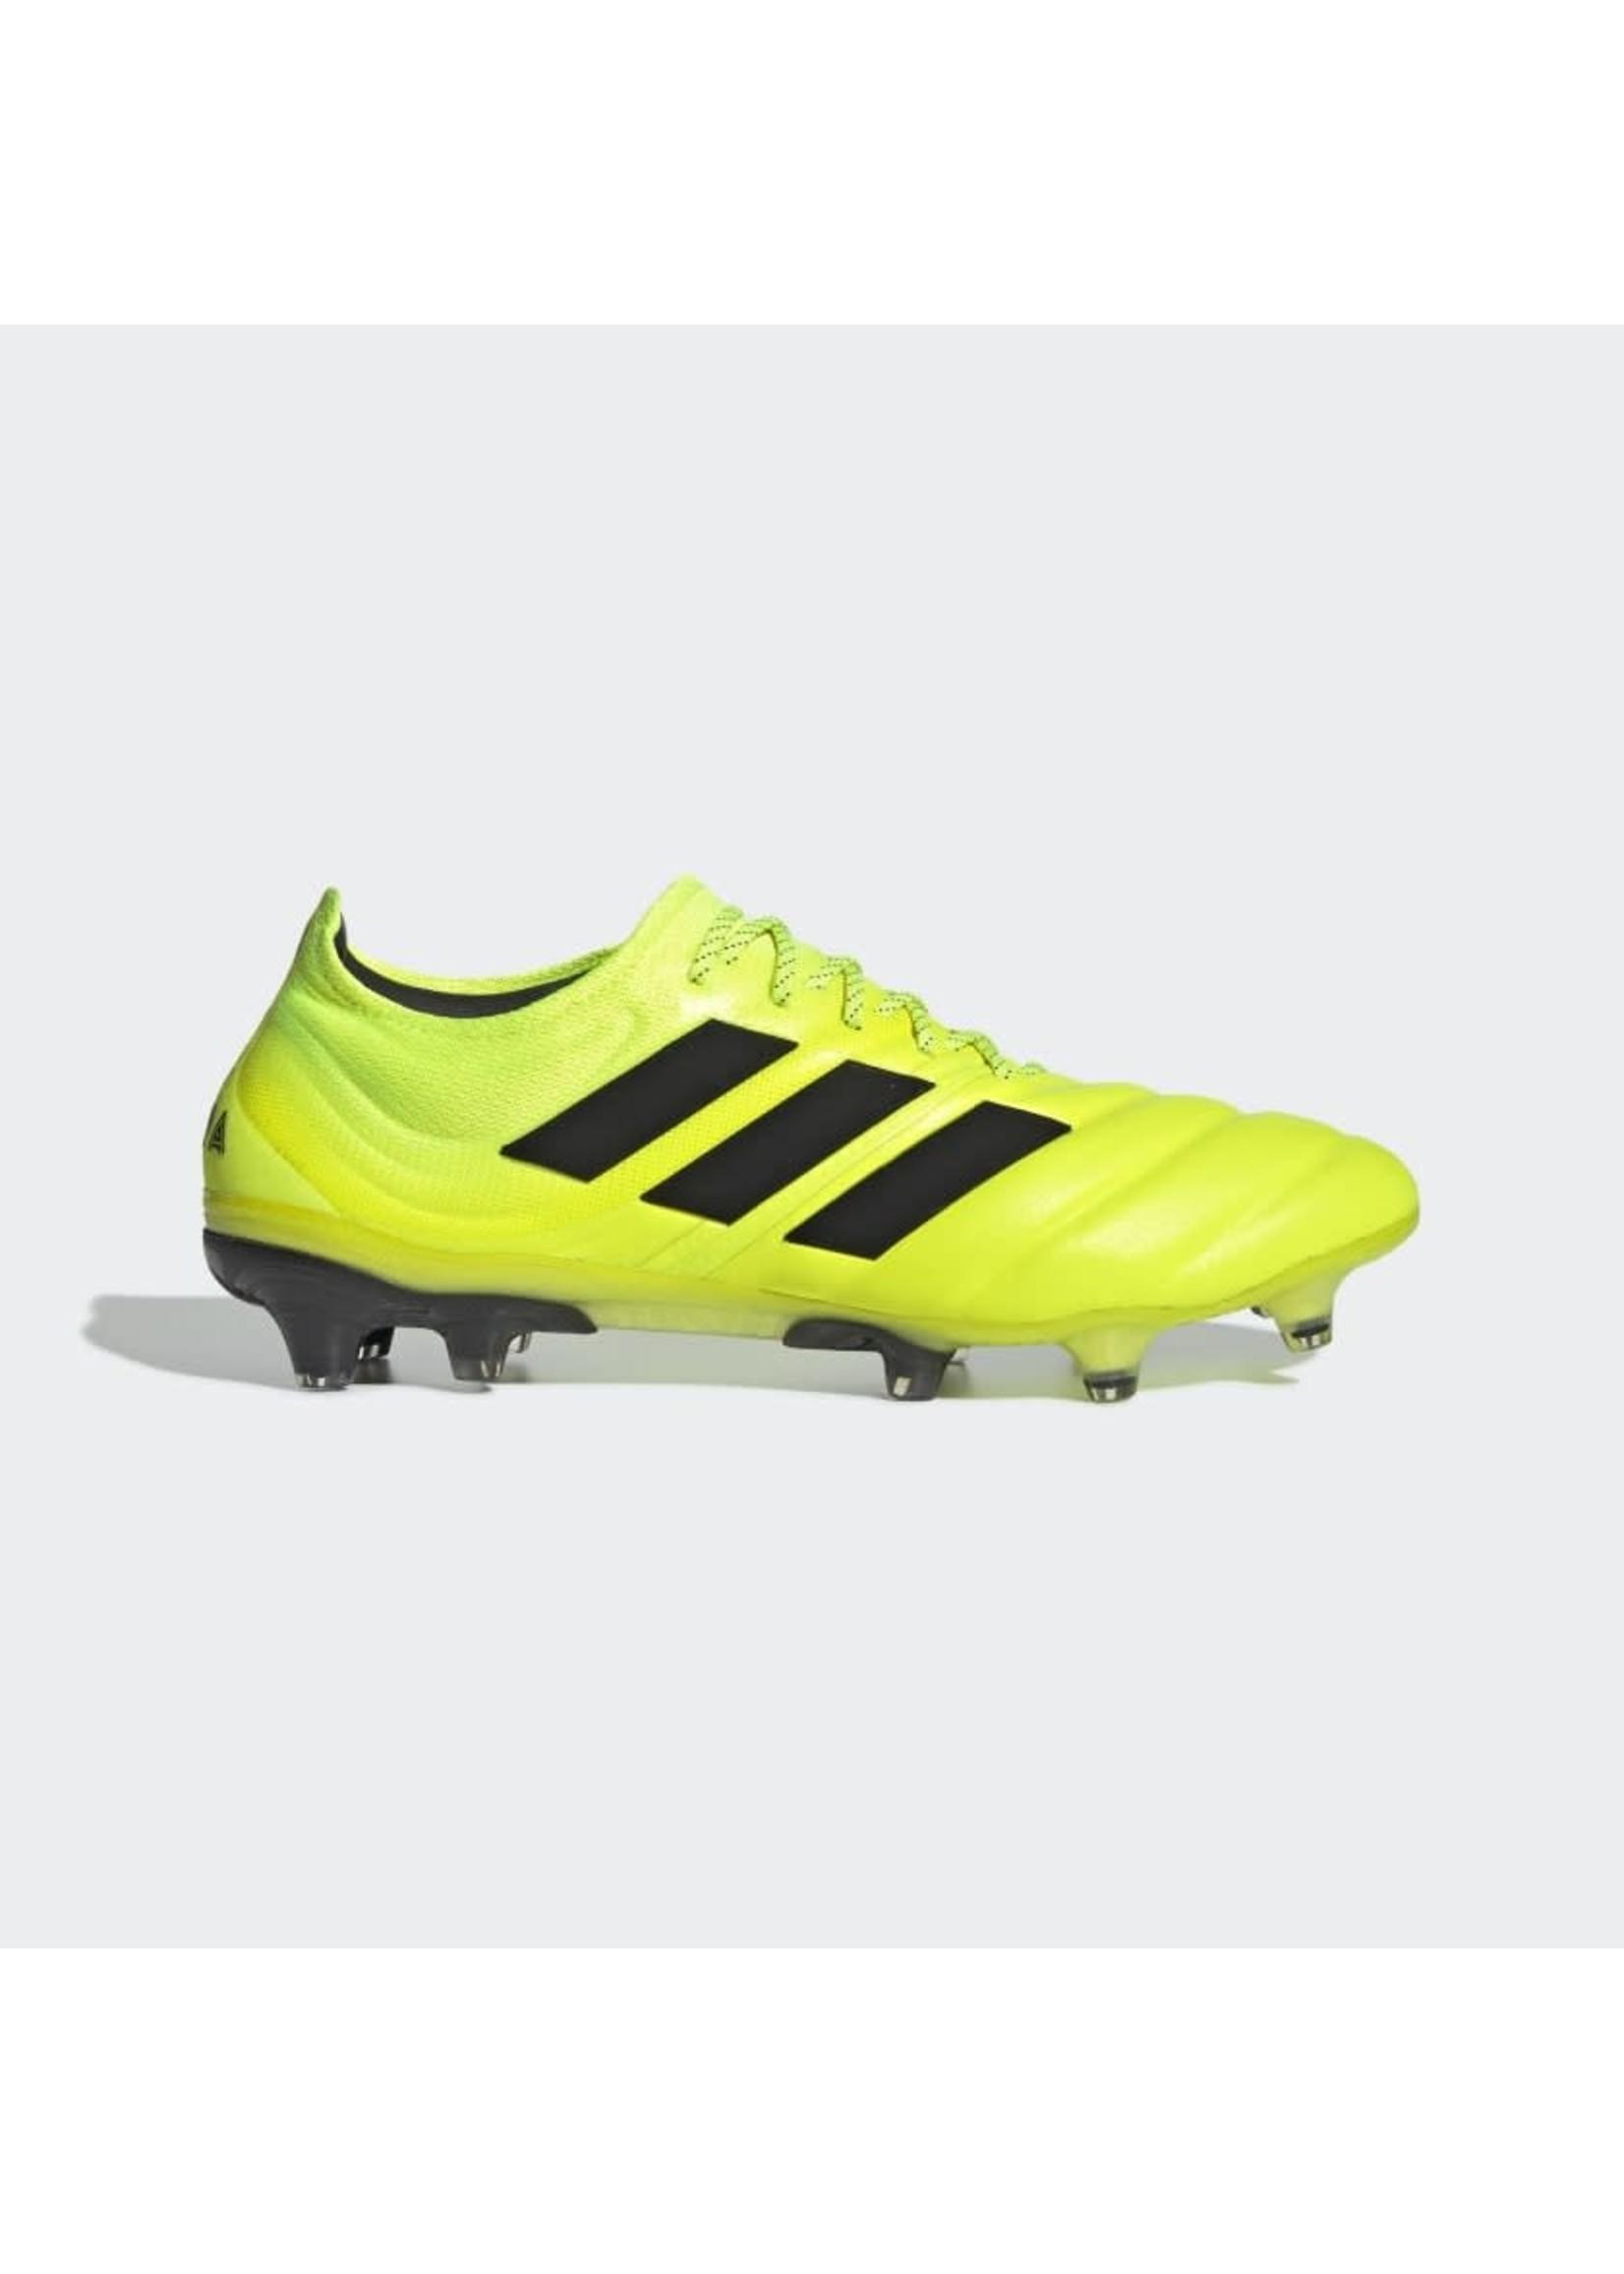 Adidas Copa 19.1 FG - Volt/Black